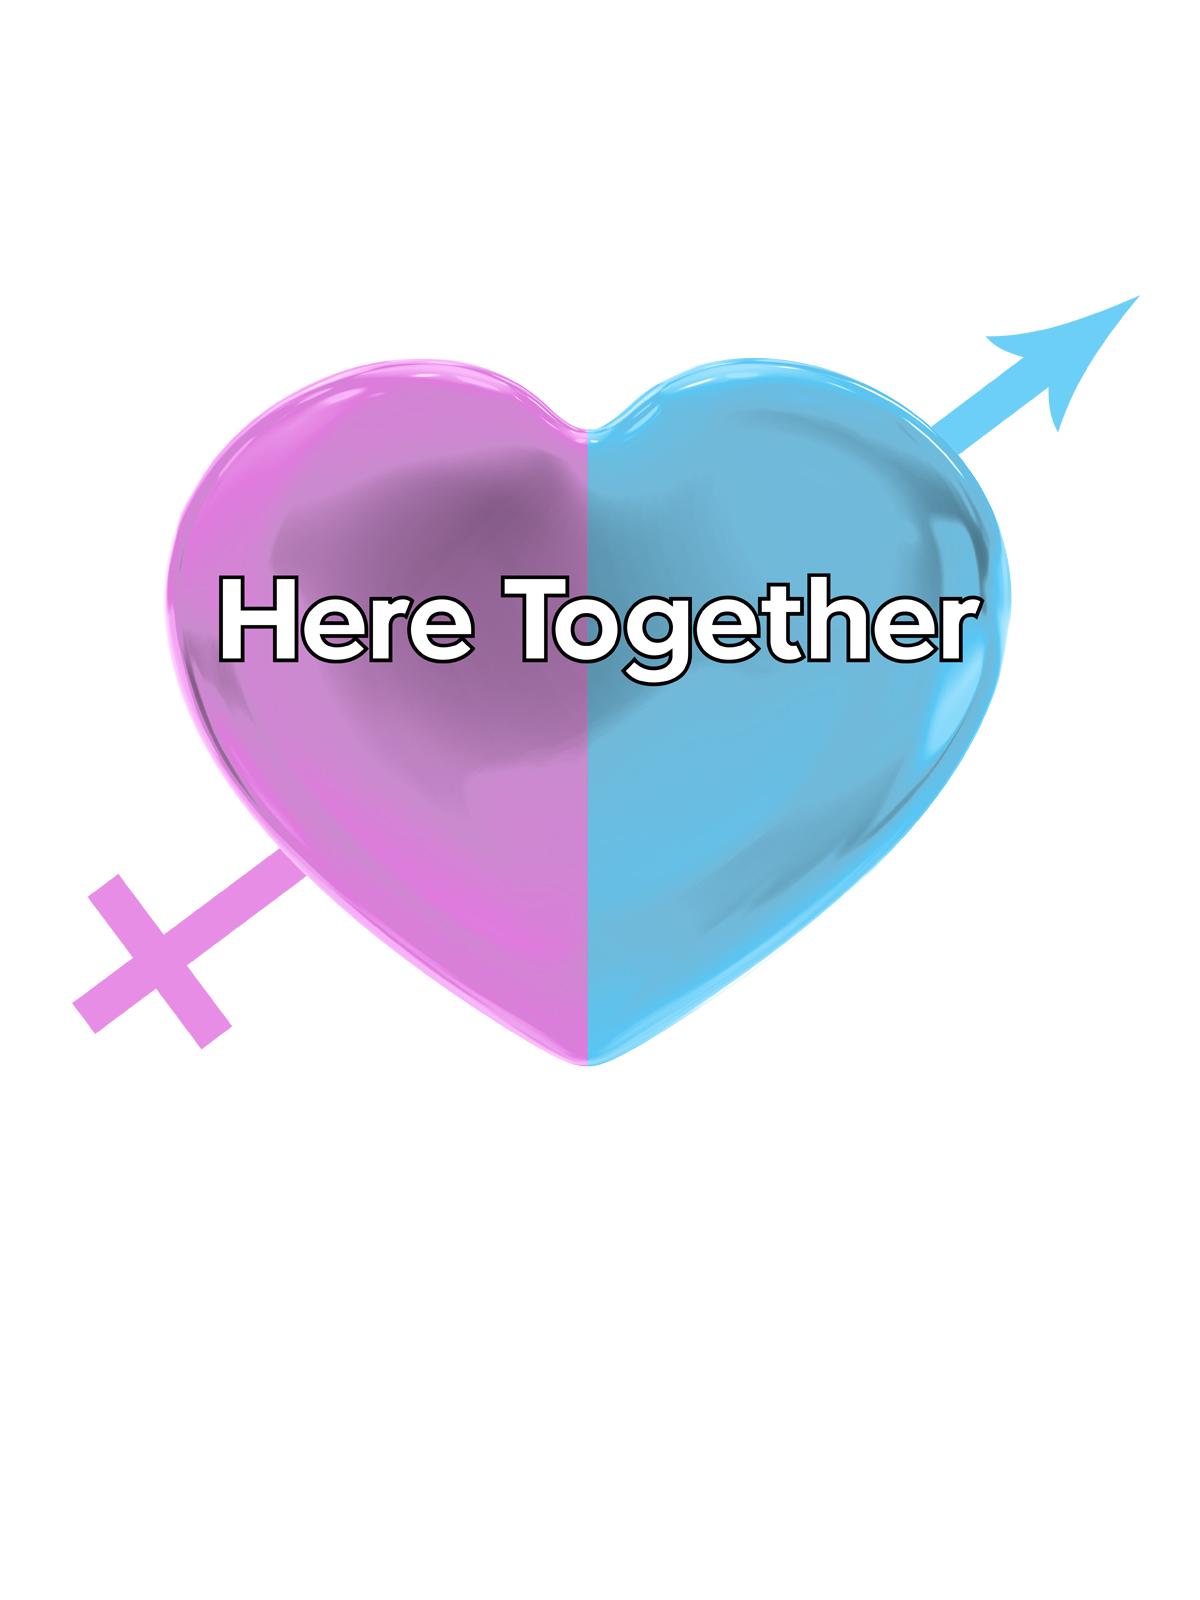 Here-HereTogether-Full-Image-en-US.jpg